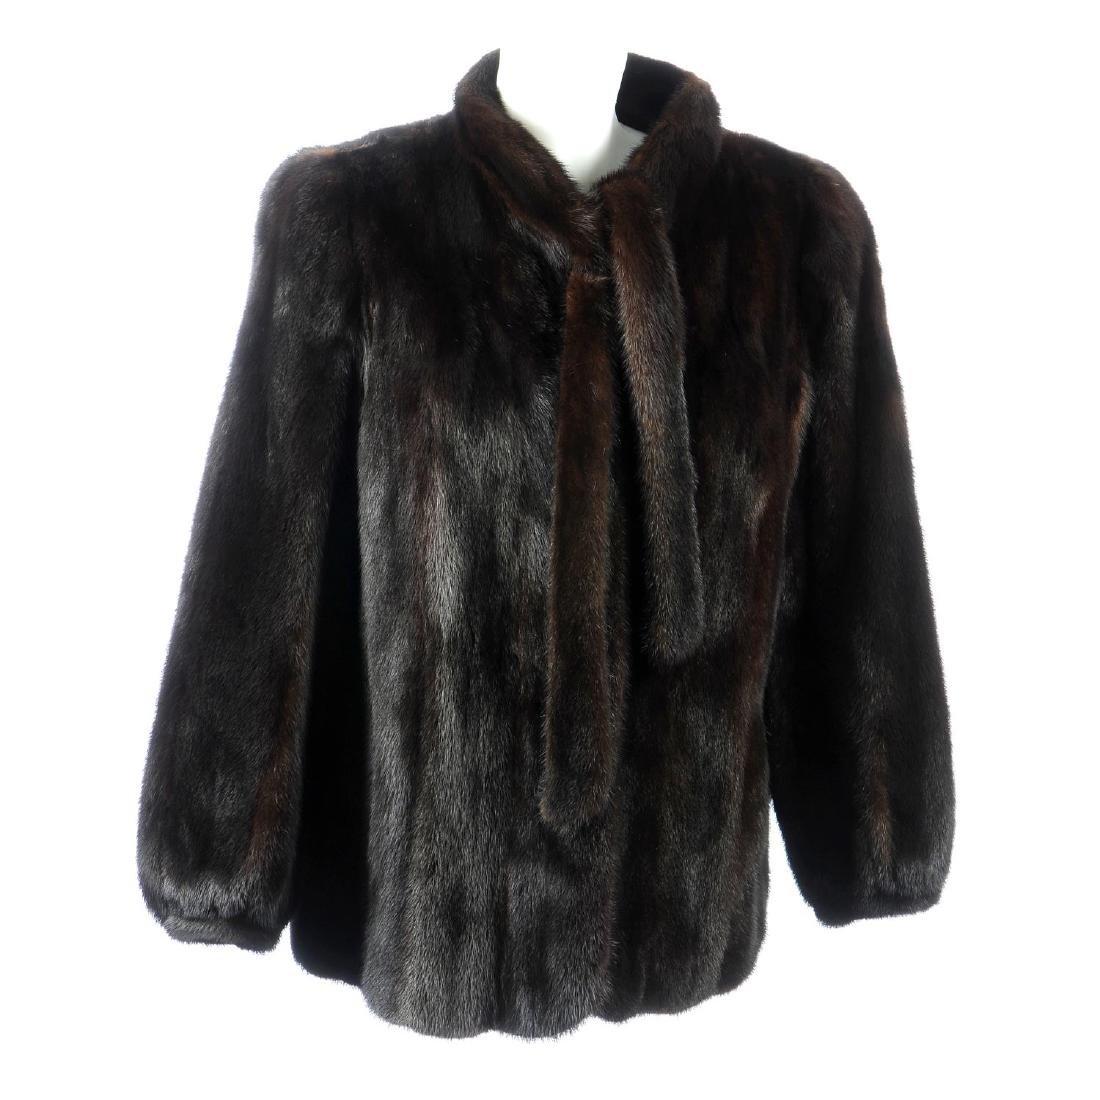 A dark ranch mink fur jacket. Featuring a Mandarin